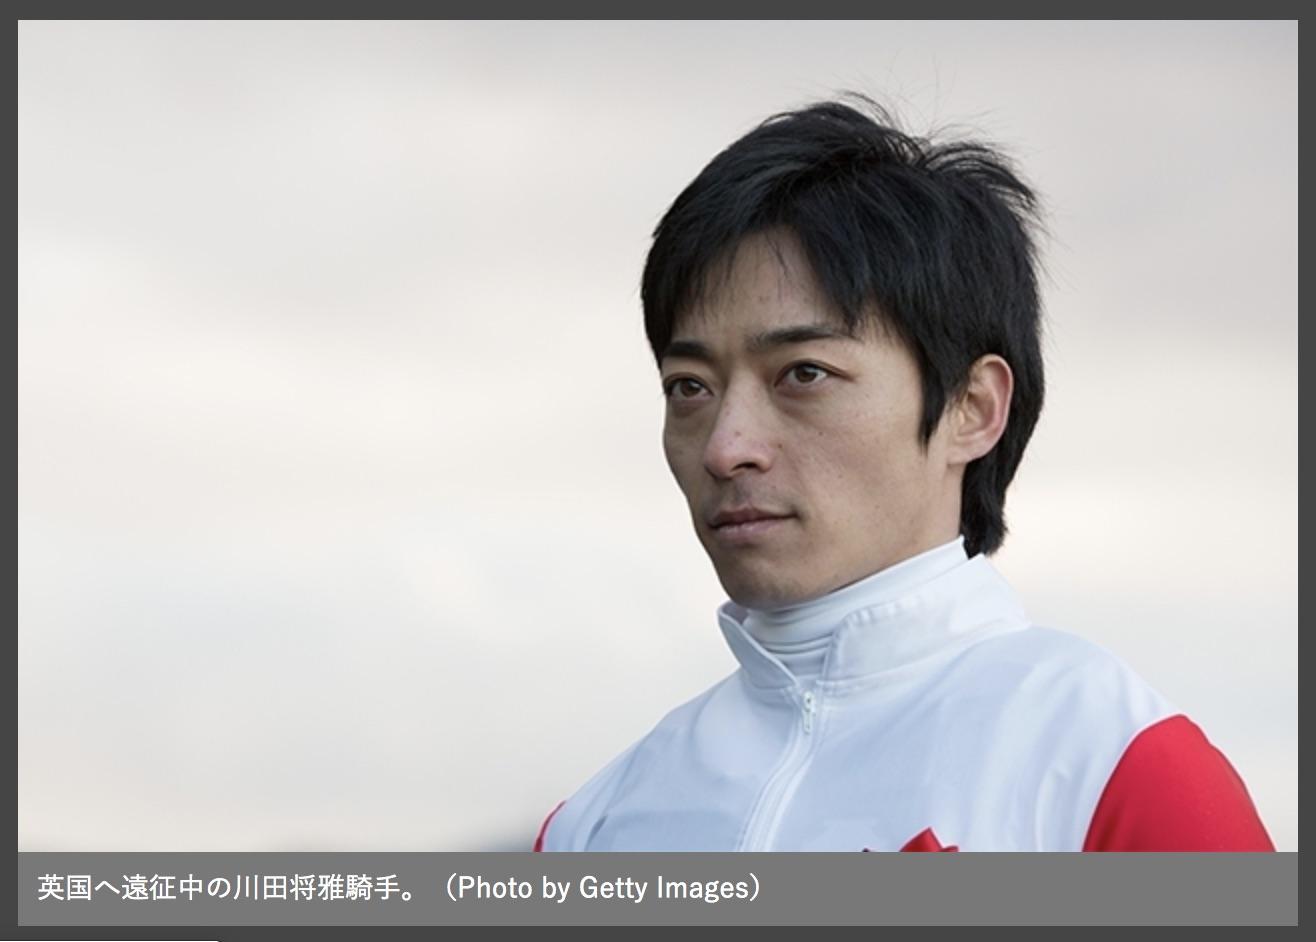 孤高の天才、川田将雅騎手は武豊機種の若い頃と比べると?